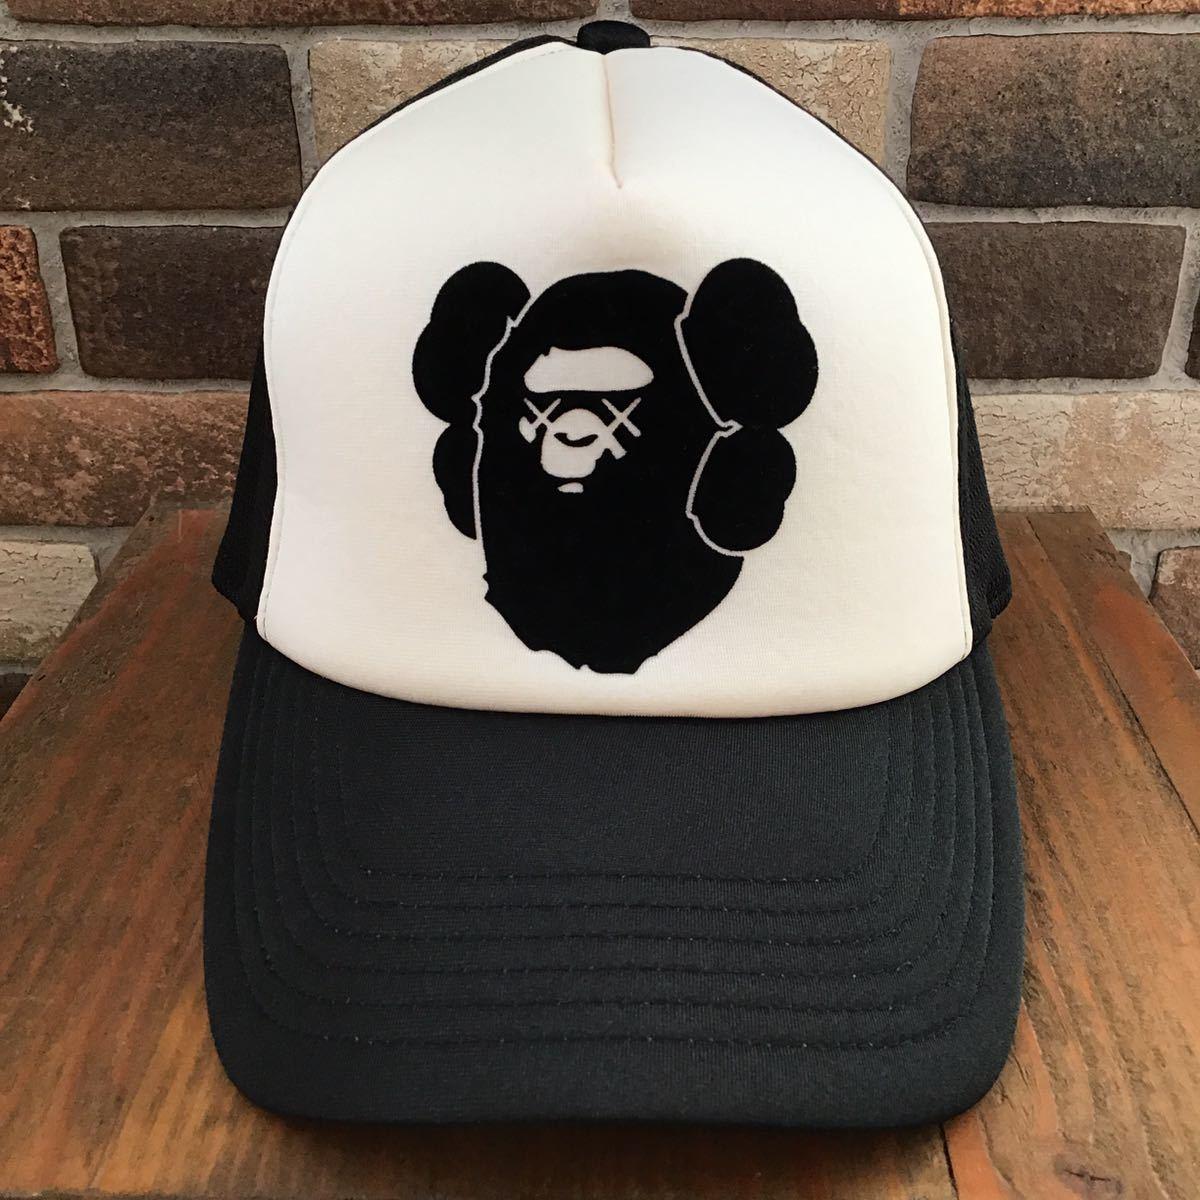 ★激レア★ kaws × BAPE メッシュ キャップ a bathing ape エイプ ベイプ アベイシングエイプ カウズ 帽子 trucker hat cap nigo black